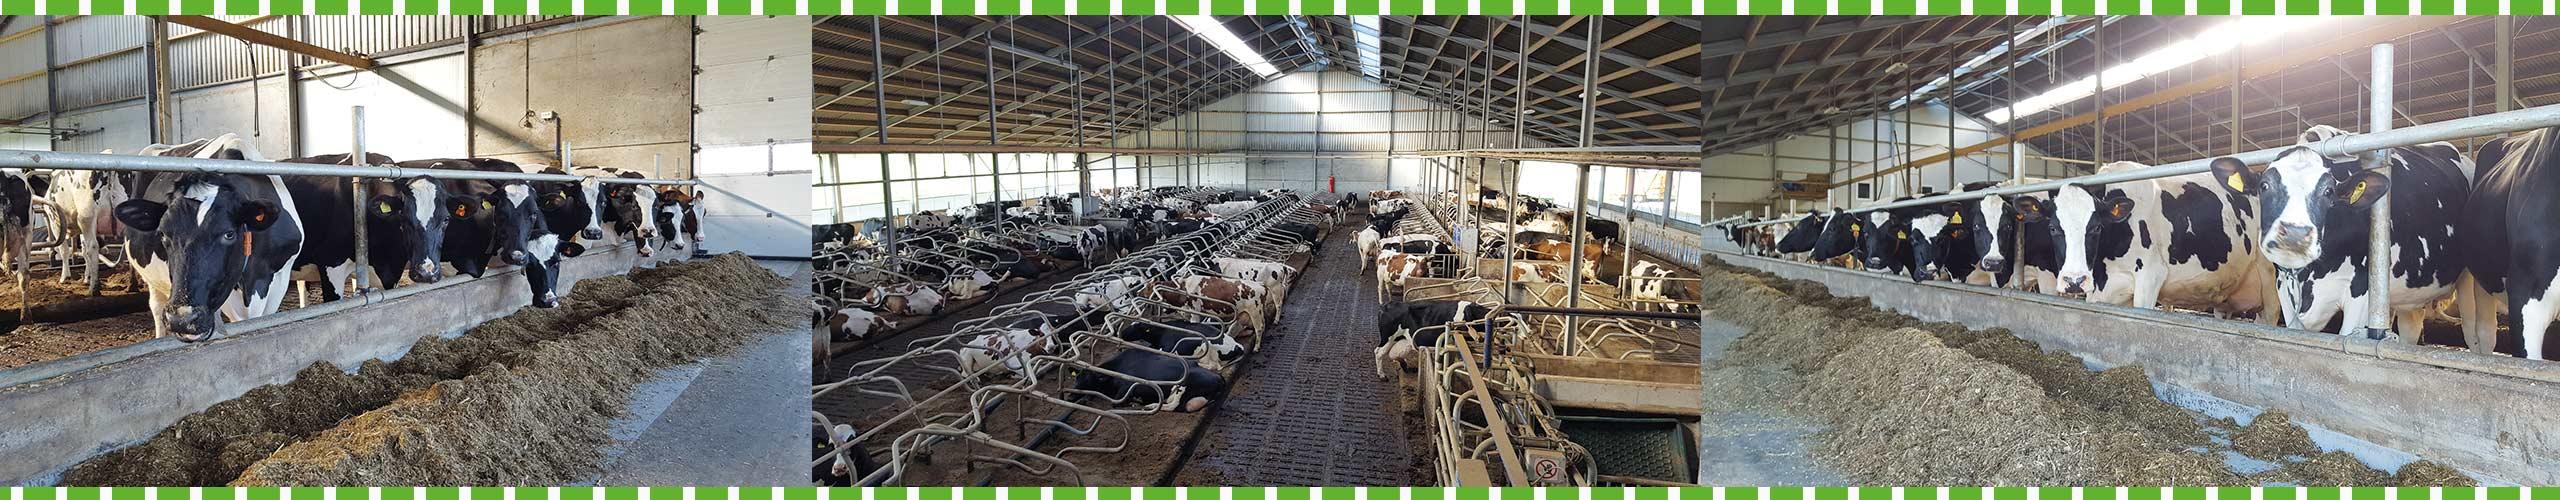 Slider 4 - Boerengolf Hedel - Activiteiten bij de boer